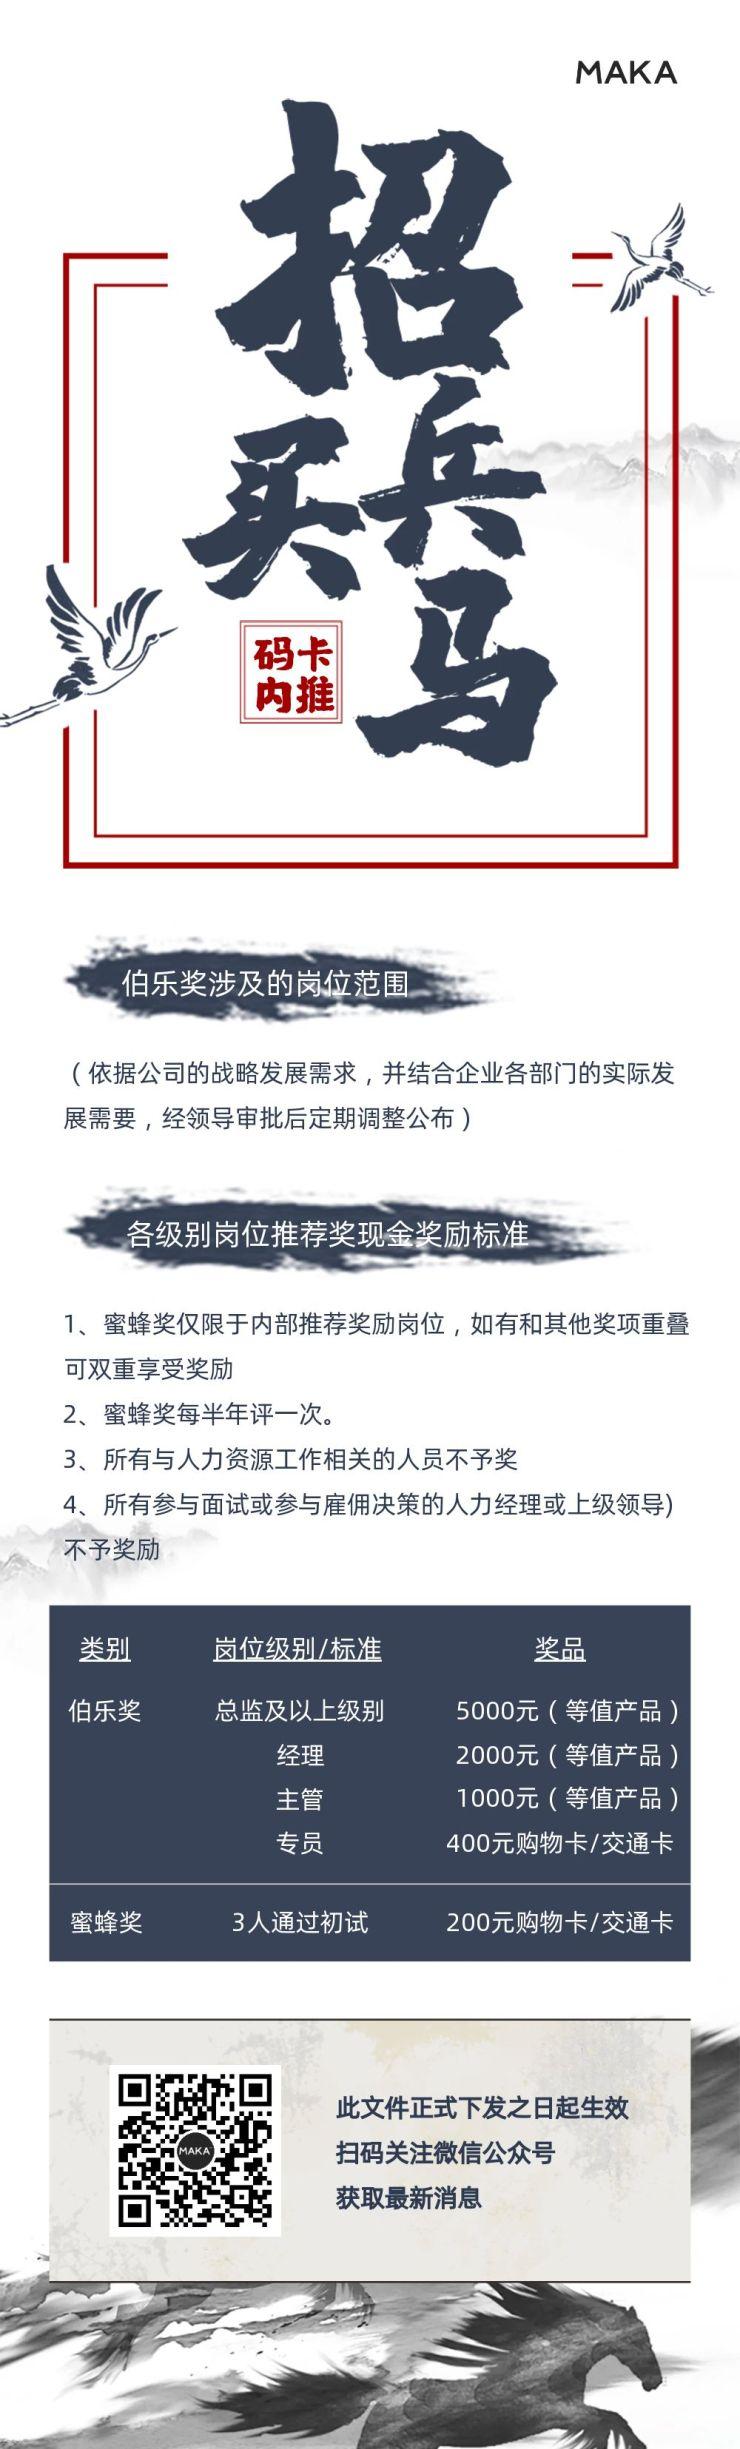 白色古典中国风格企业招聘内推宣传长图